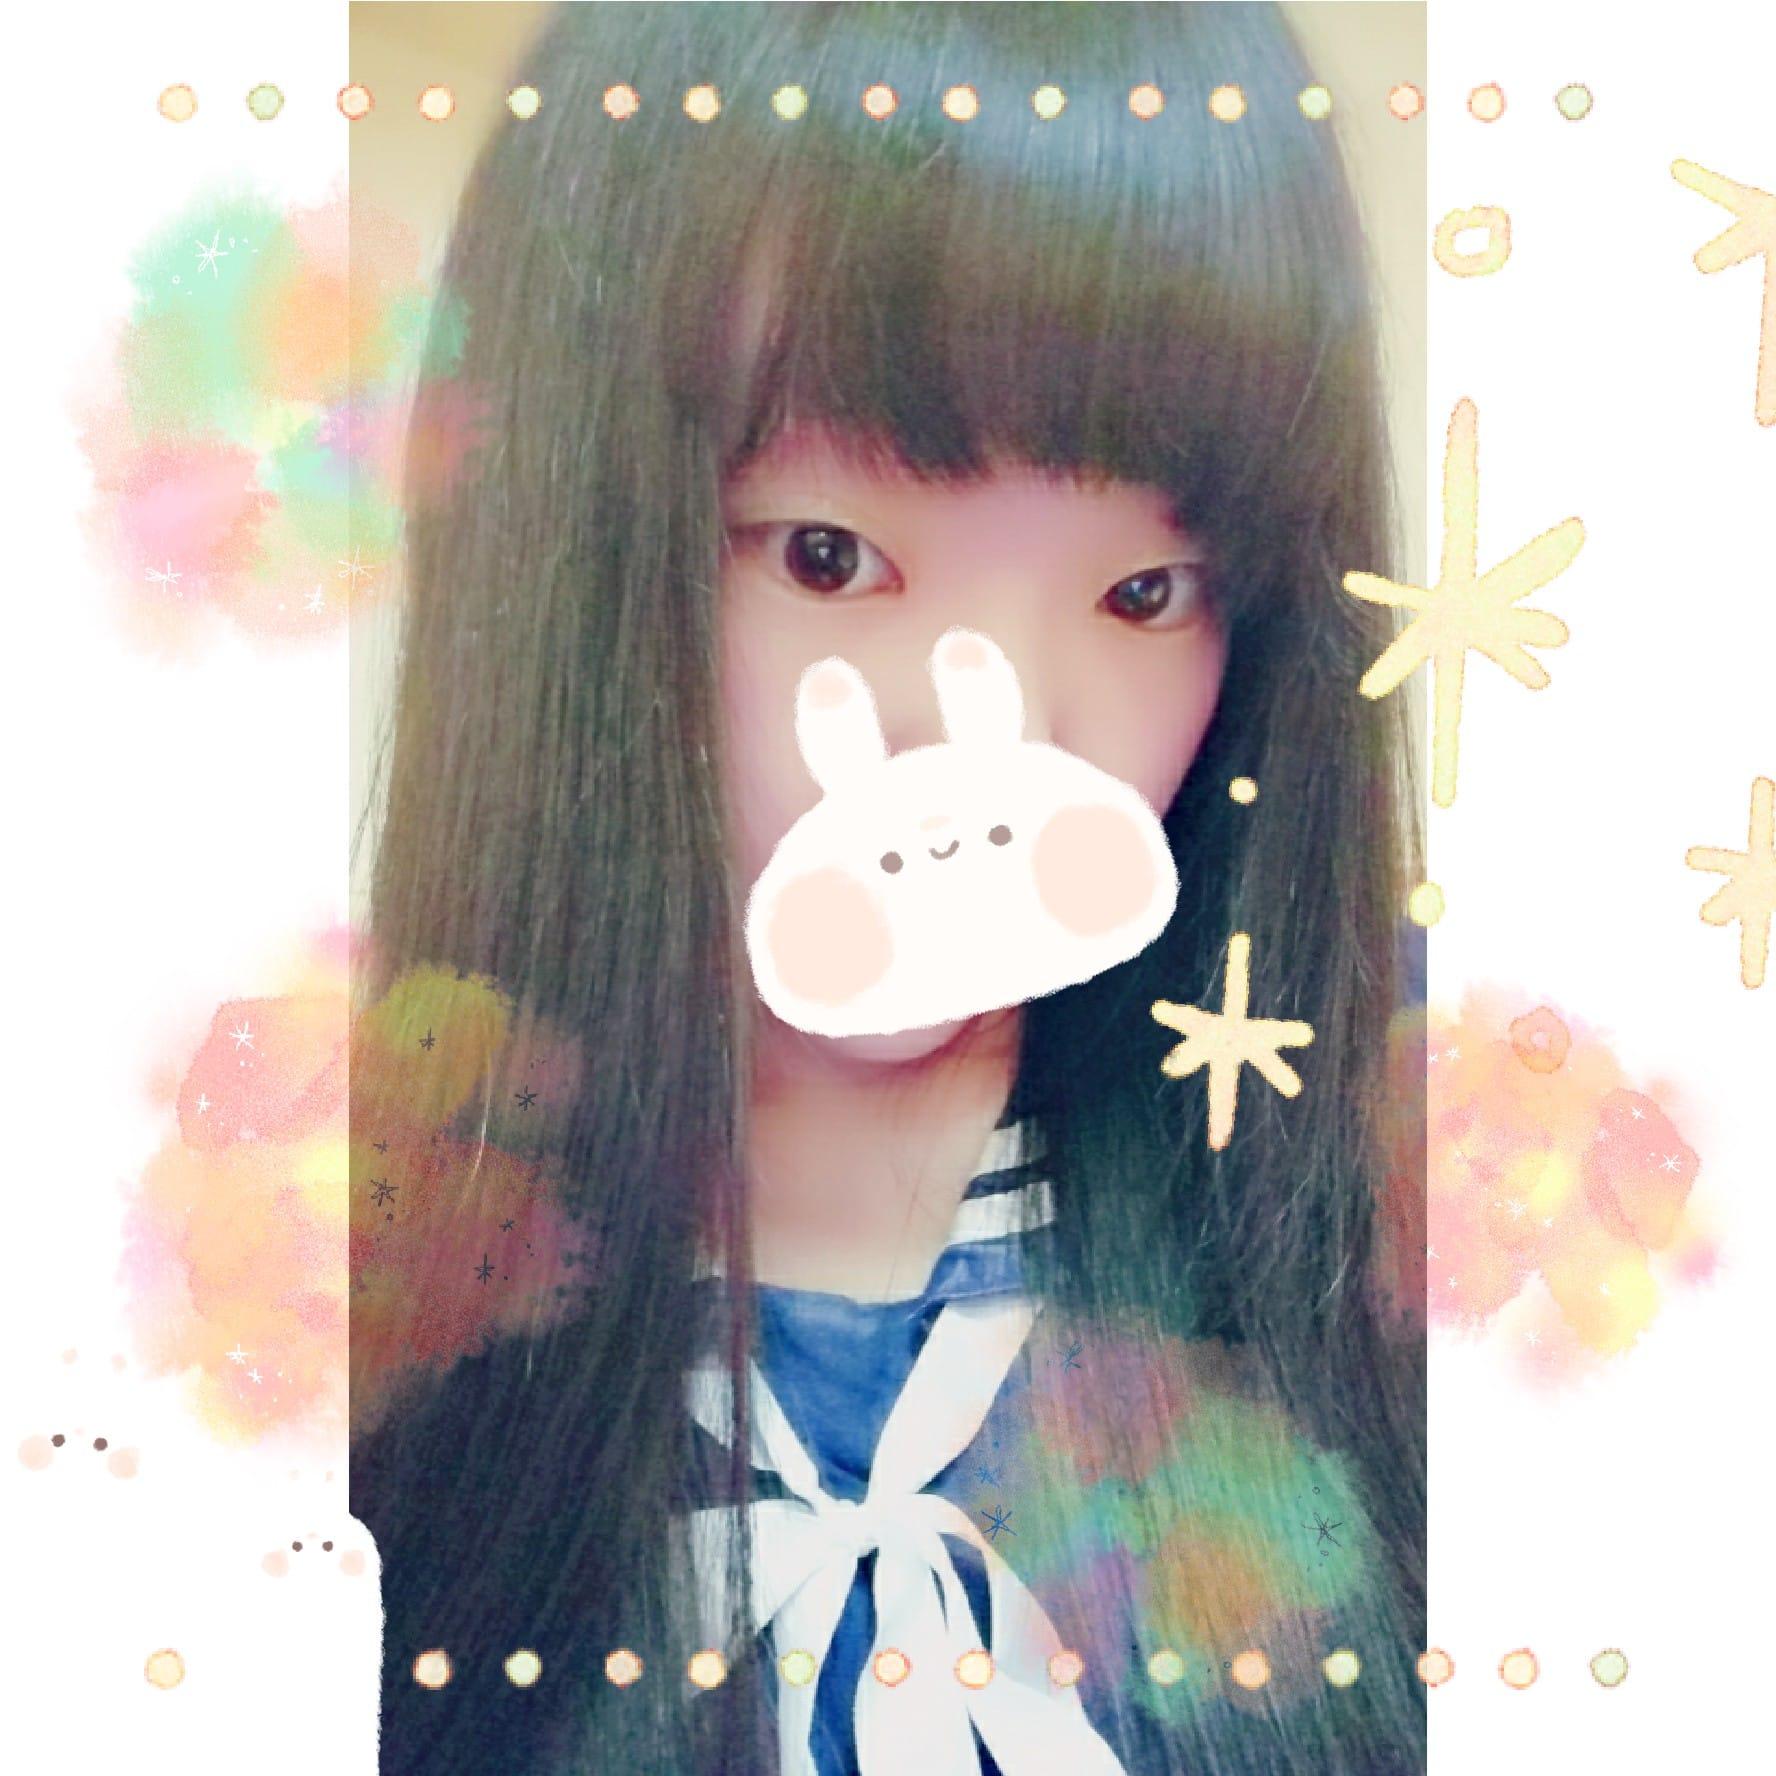 「髪サラサラ!✨」02/16(02/16) 09:26 | しほりの写メ・風俗動画